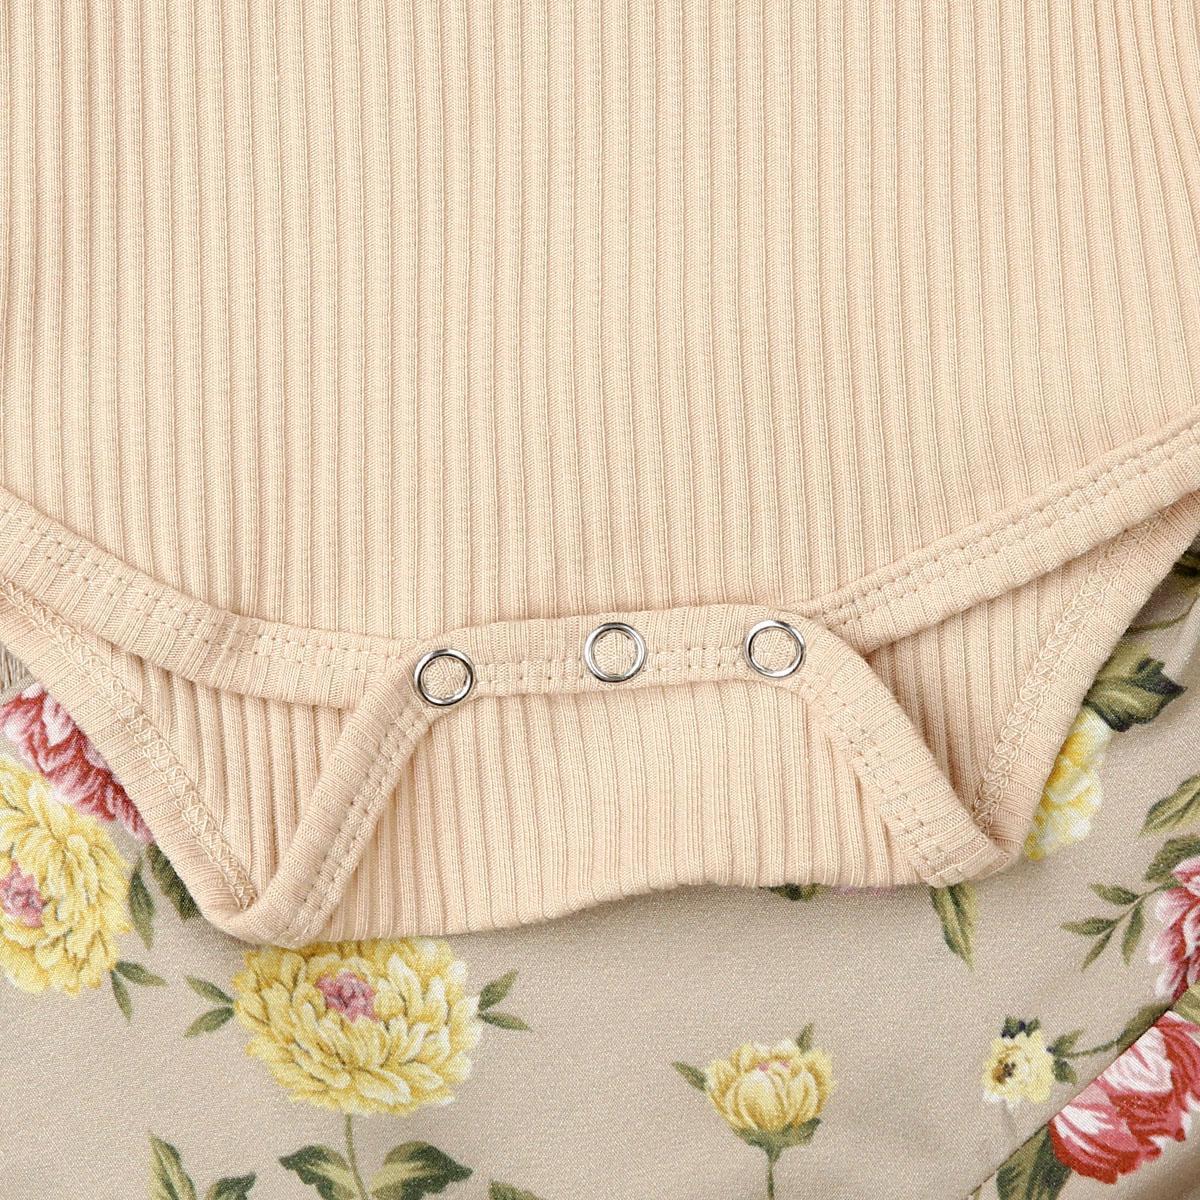 Pudcoco Neonata appena nata vestiti floreali Autunno Inverno 3pcs pantaloni della tuta a maniche lunghe ghette di fascia regolato l'attrezzatura 3-18Months